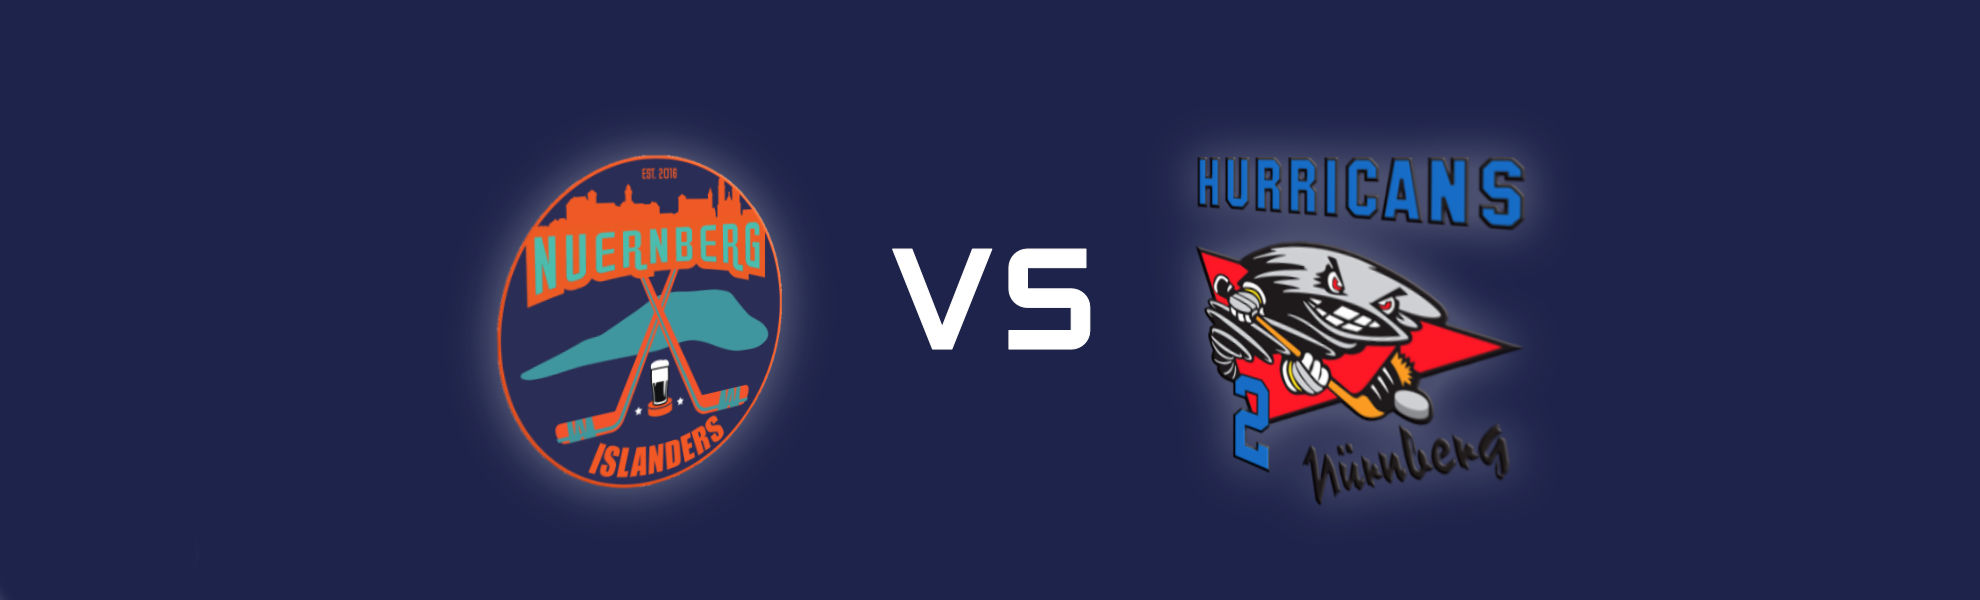 Nürnberg Islanders vs Hurricans 2